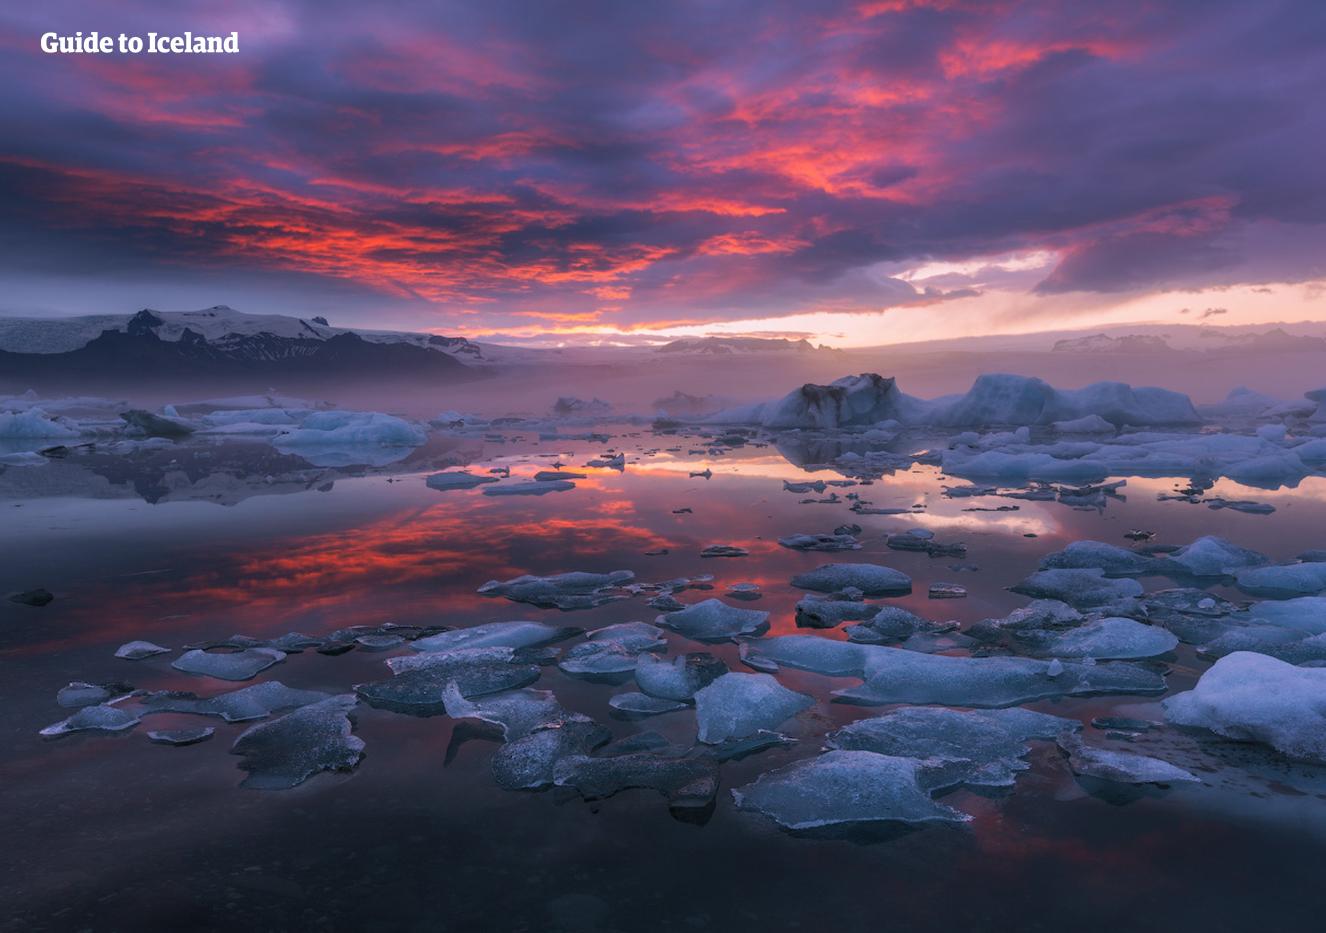 Odwiedź piękną lagunę lodowcową Jökulsárlón podczas letniej wycieczki autem i zobacz, jak góry lodowe pływają spokojnie w lodowatej wodzie.